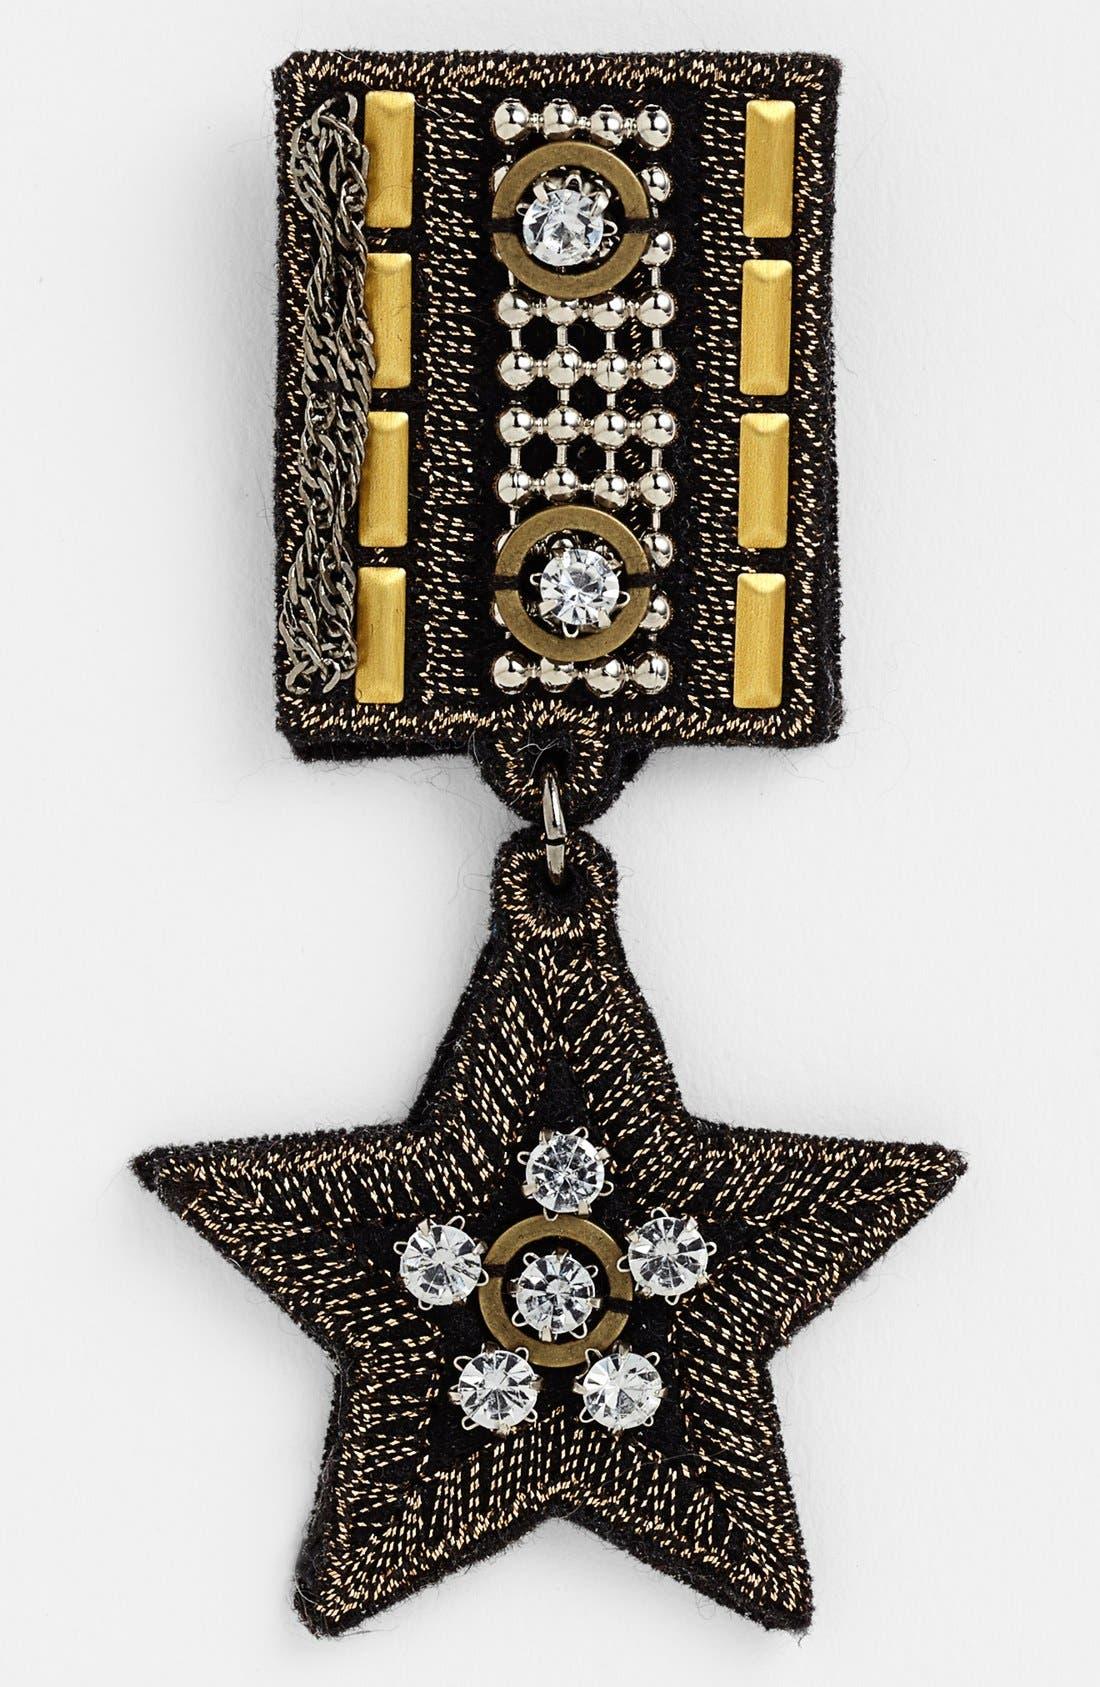 Alternate Image 1 Selected - Cara 'Military Star' Pin